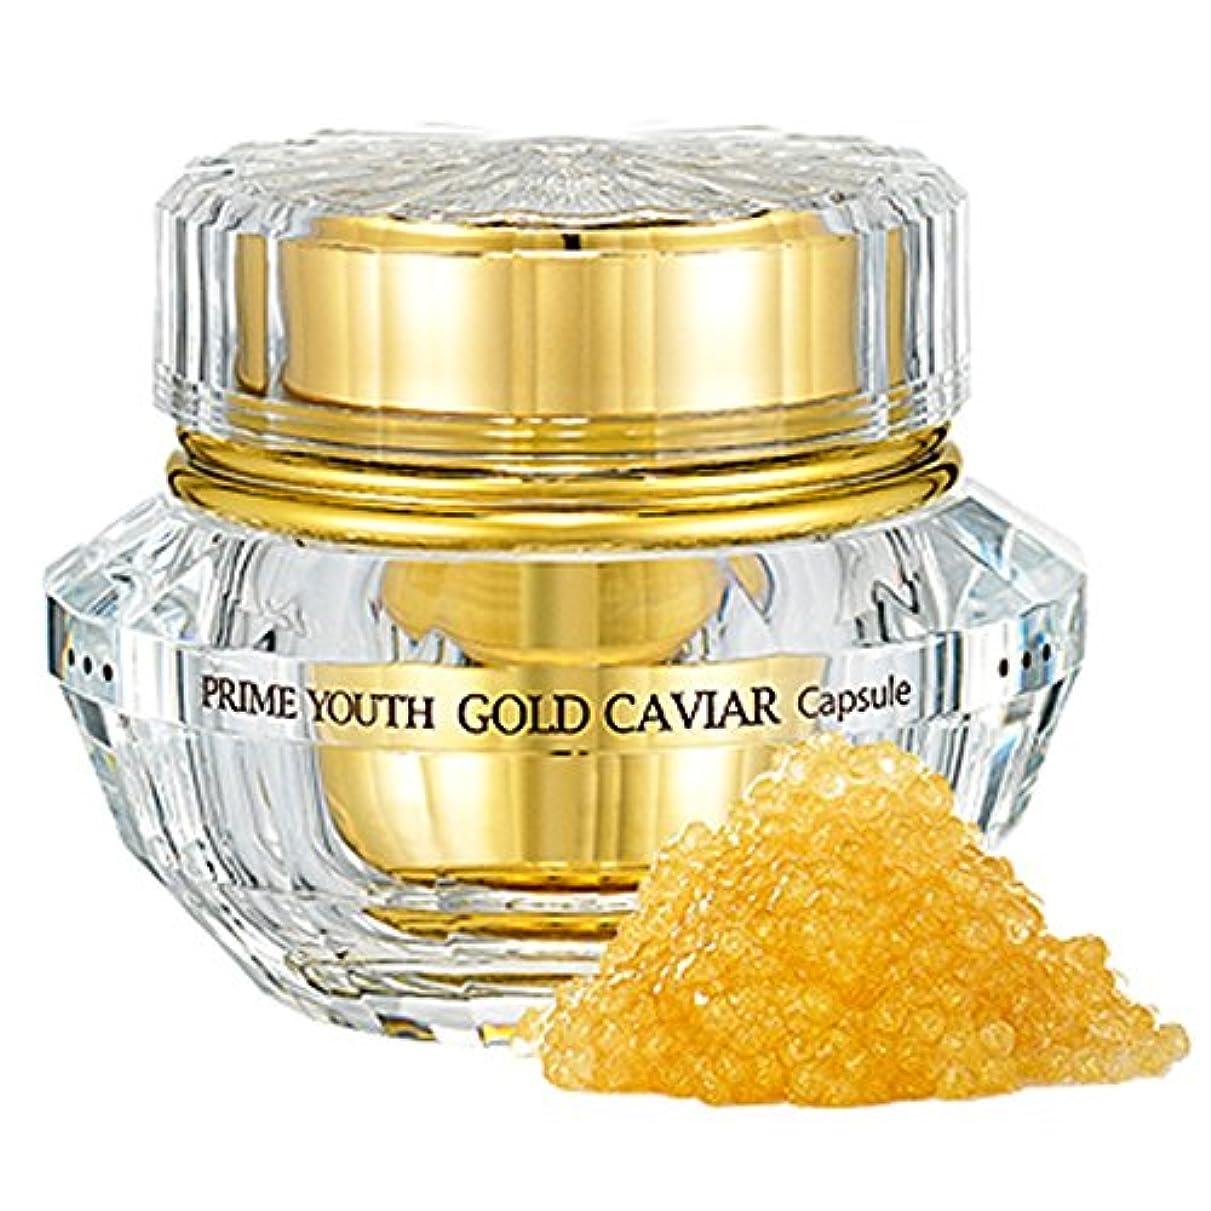 プライムユースゴールドキャビアカプセルprime youth gold caviar capsule 50g 001-MI [並行輸入品]